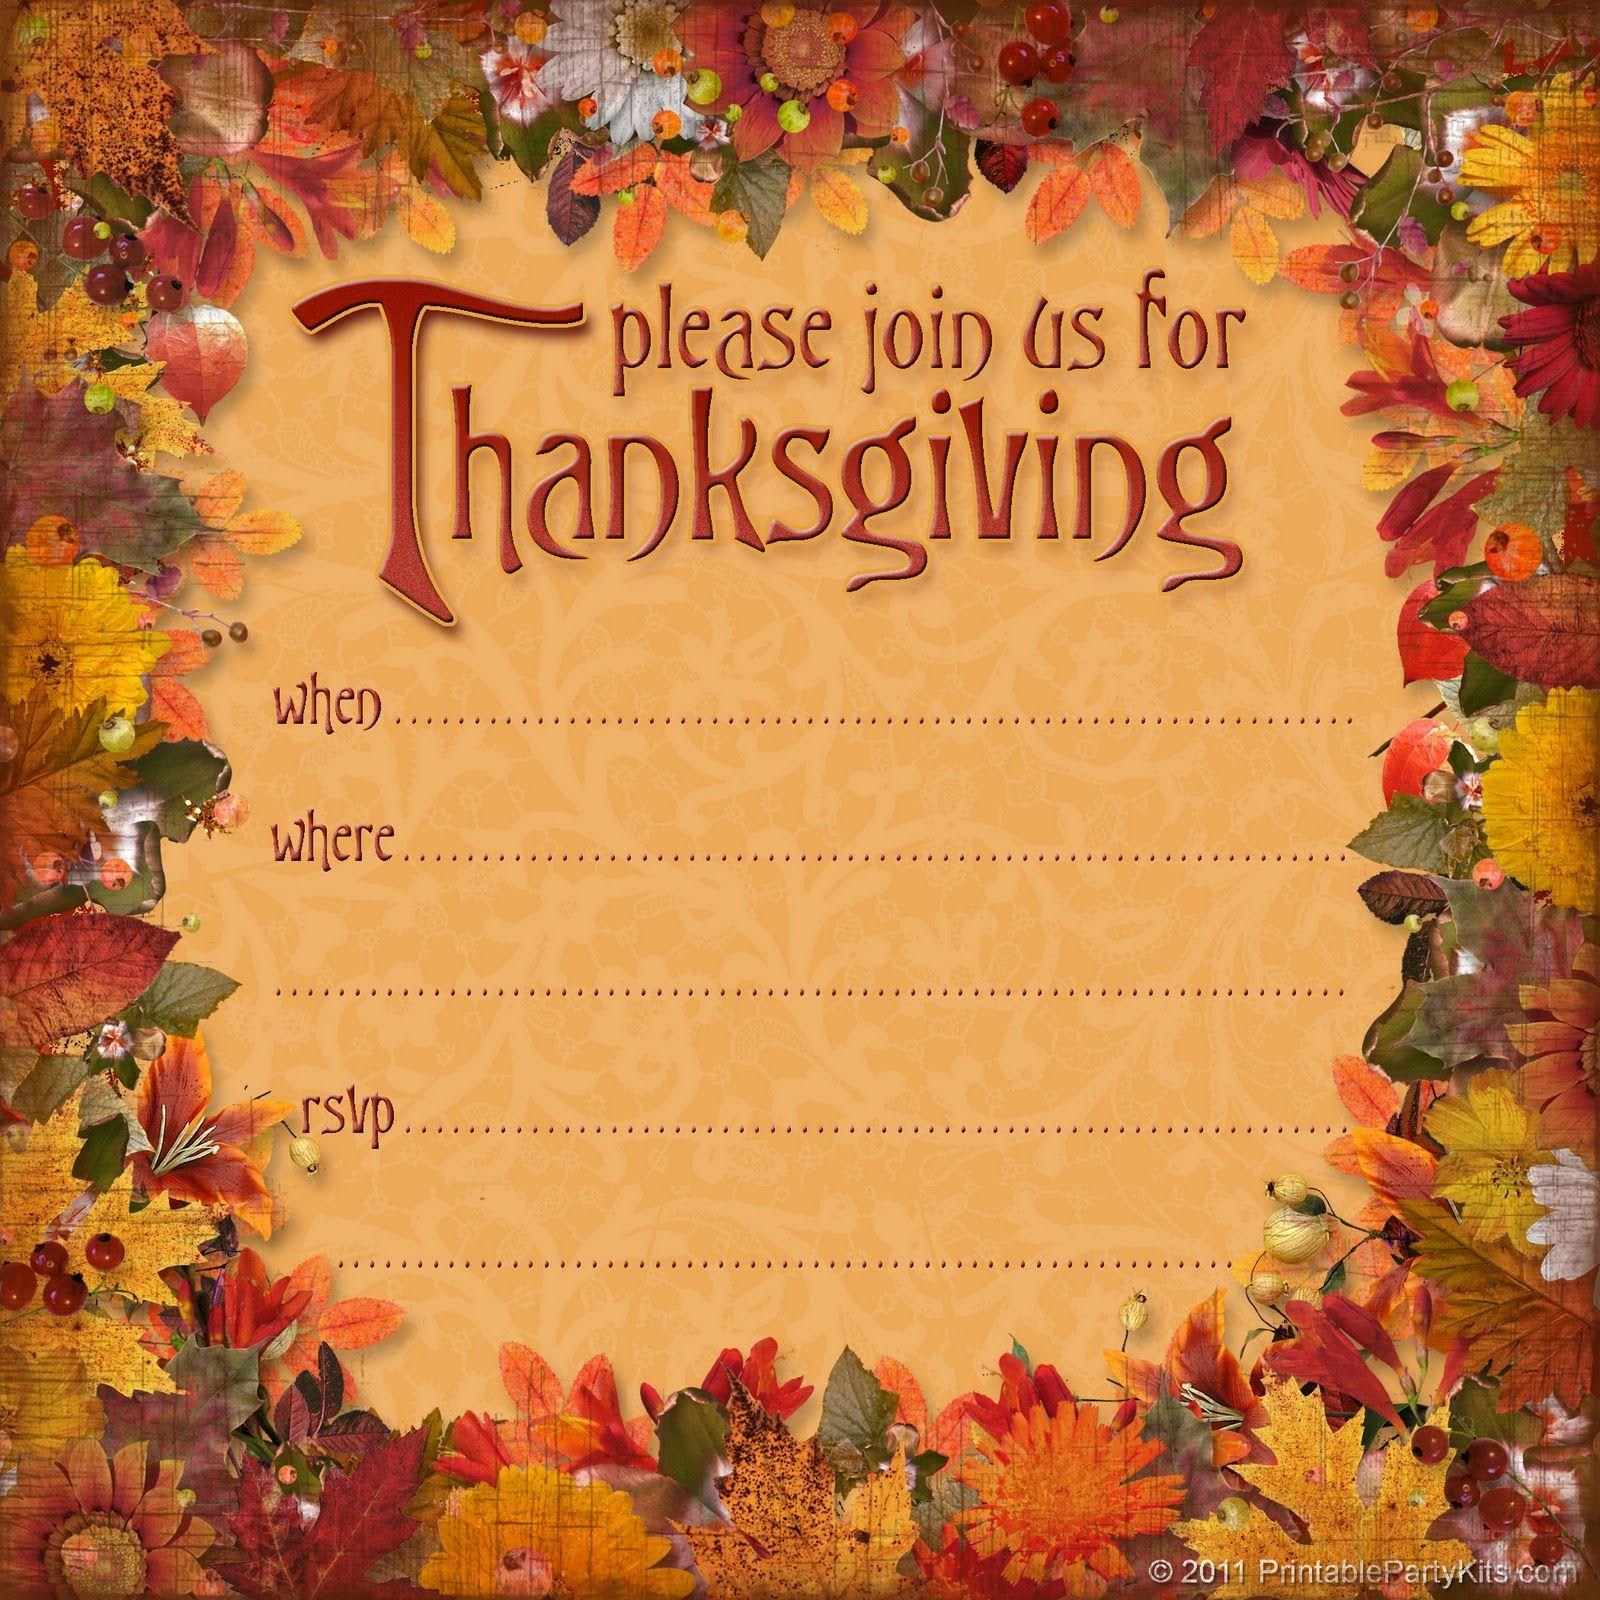 Free Thanksgiving Dinner Invitation   Thanksgiving   Thanksgiving - Free Printable Thanksgiving Dinner Invitation Templates